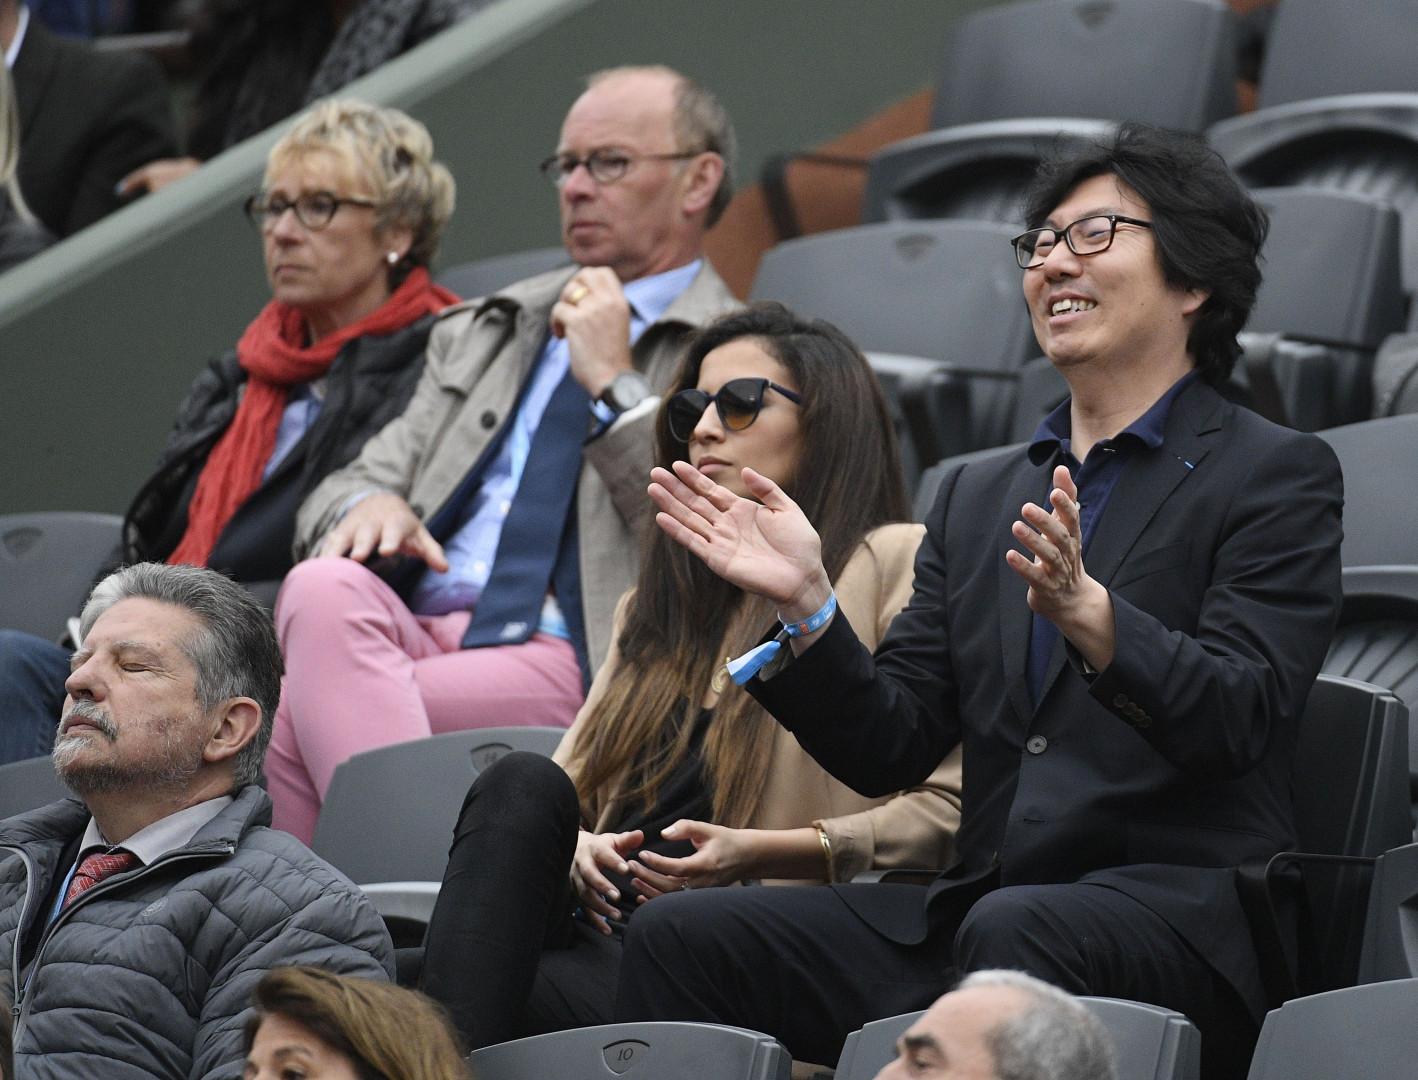 Le secrétaire d'État Jean-Vincent Placé était aux anges pendant le 8e de finale entre Richard Gasquet et Kei Nishikori.